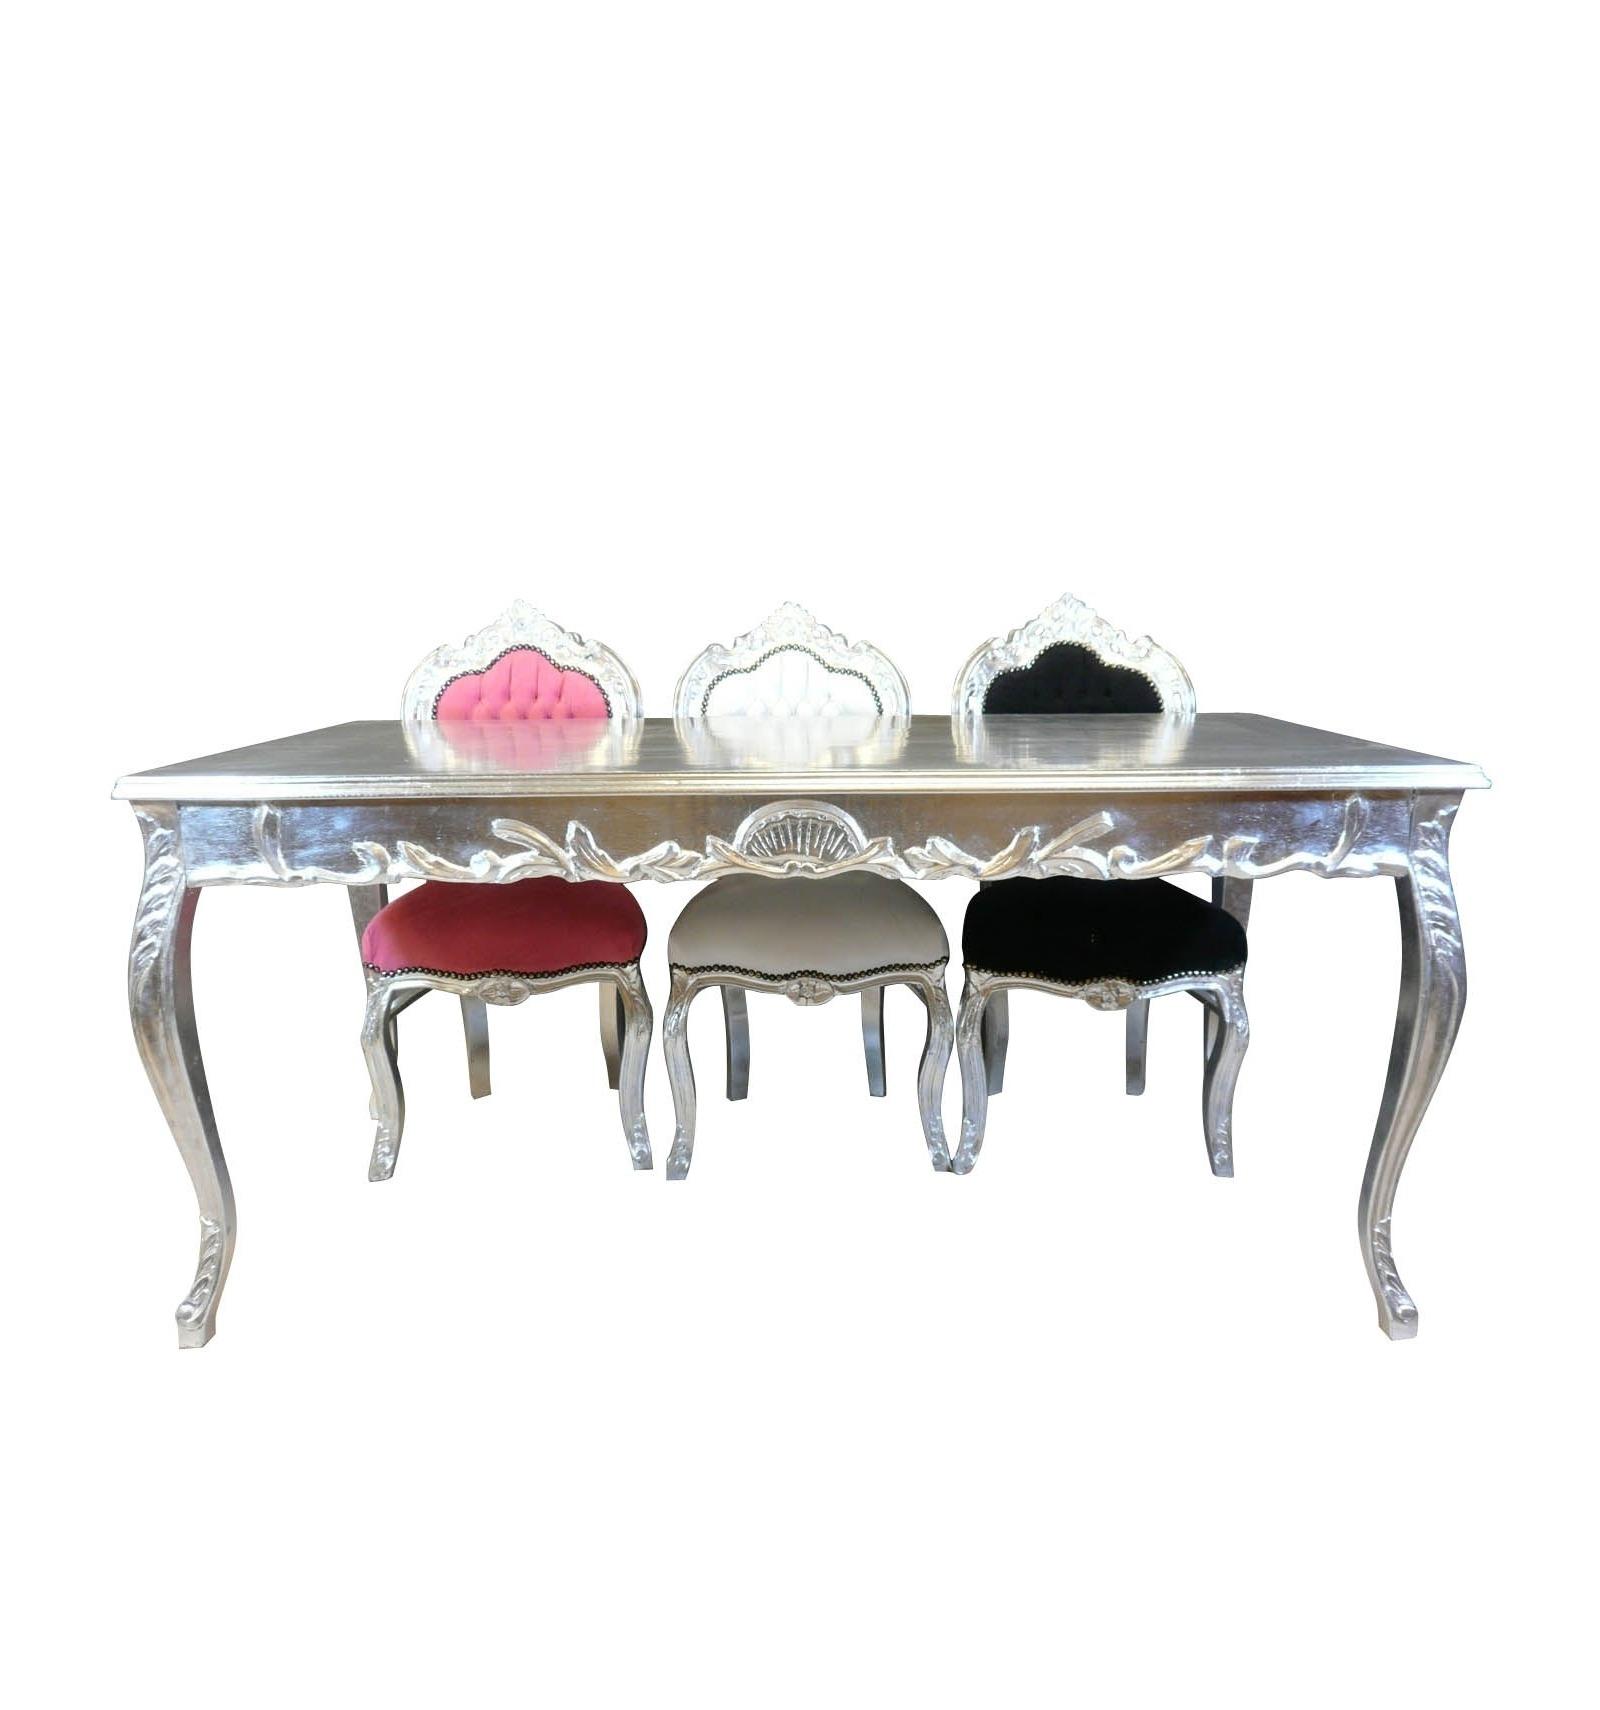 tavolo da pranzo barocco d 39 argento mobili in stile. Black Bedroom Furniture Sets. Home Design Ideas